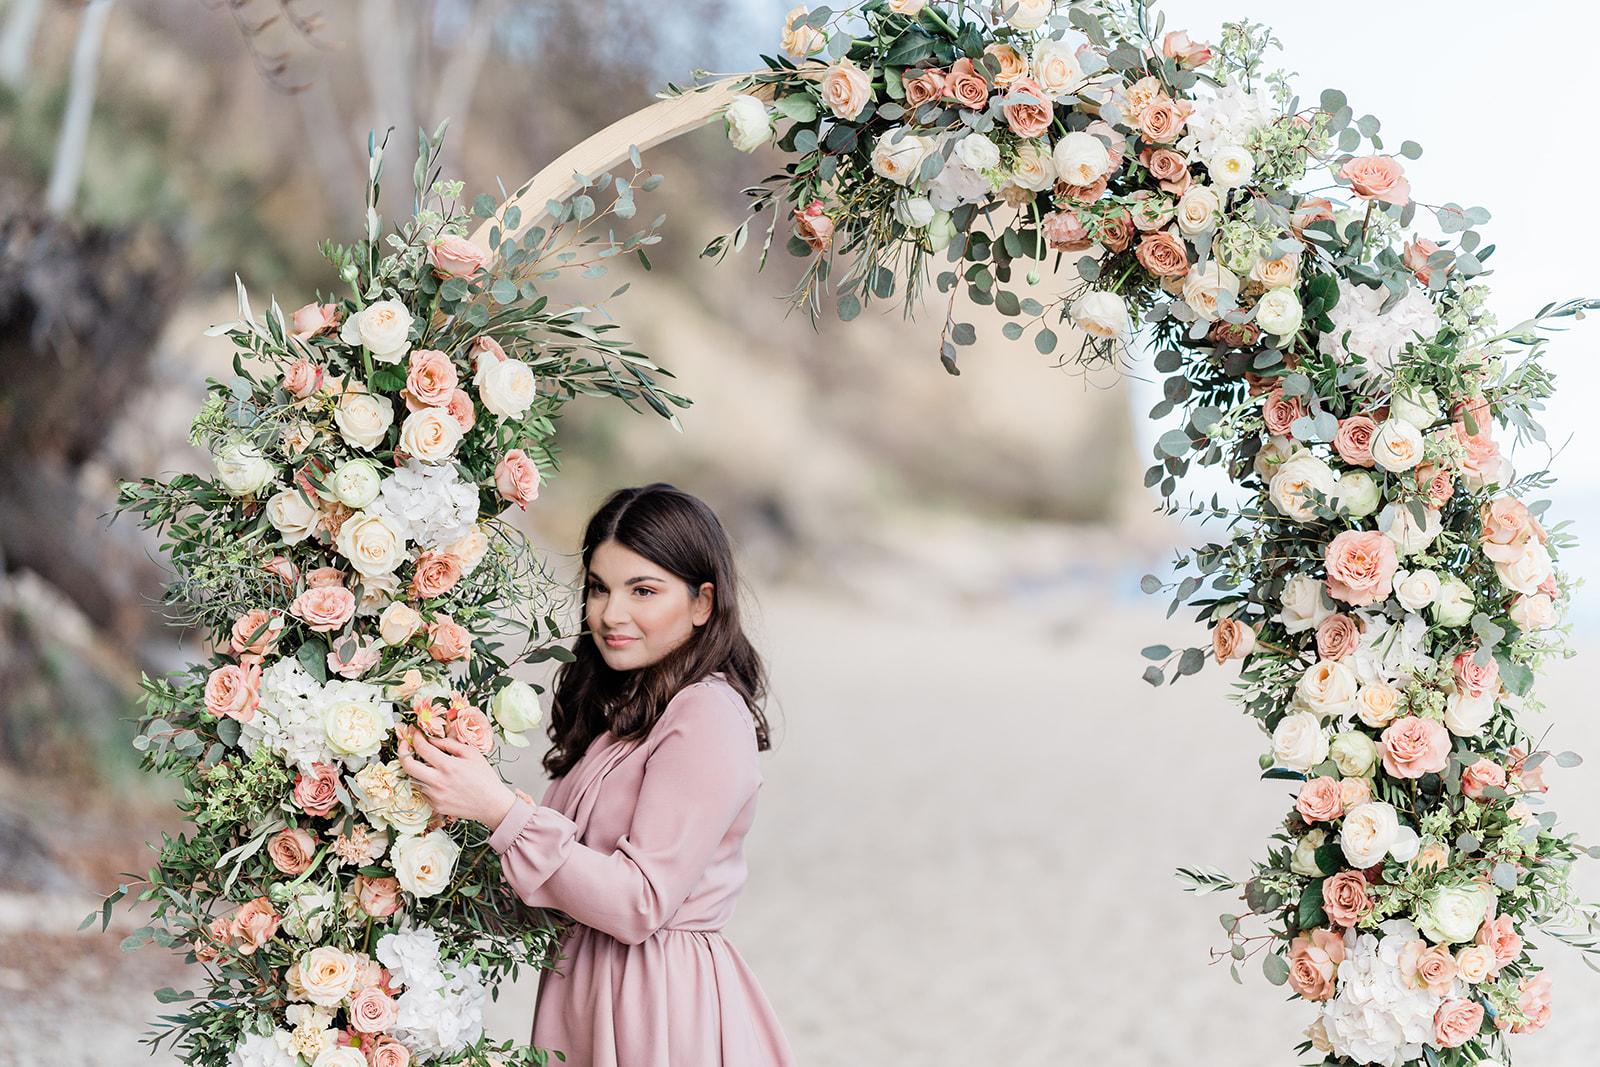 O mnie - Weddings byCaroline - organizacja ślubów iwesel   Wedding Planner